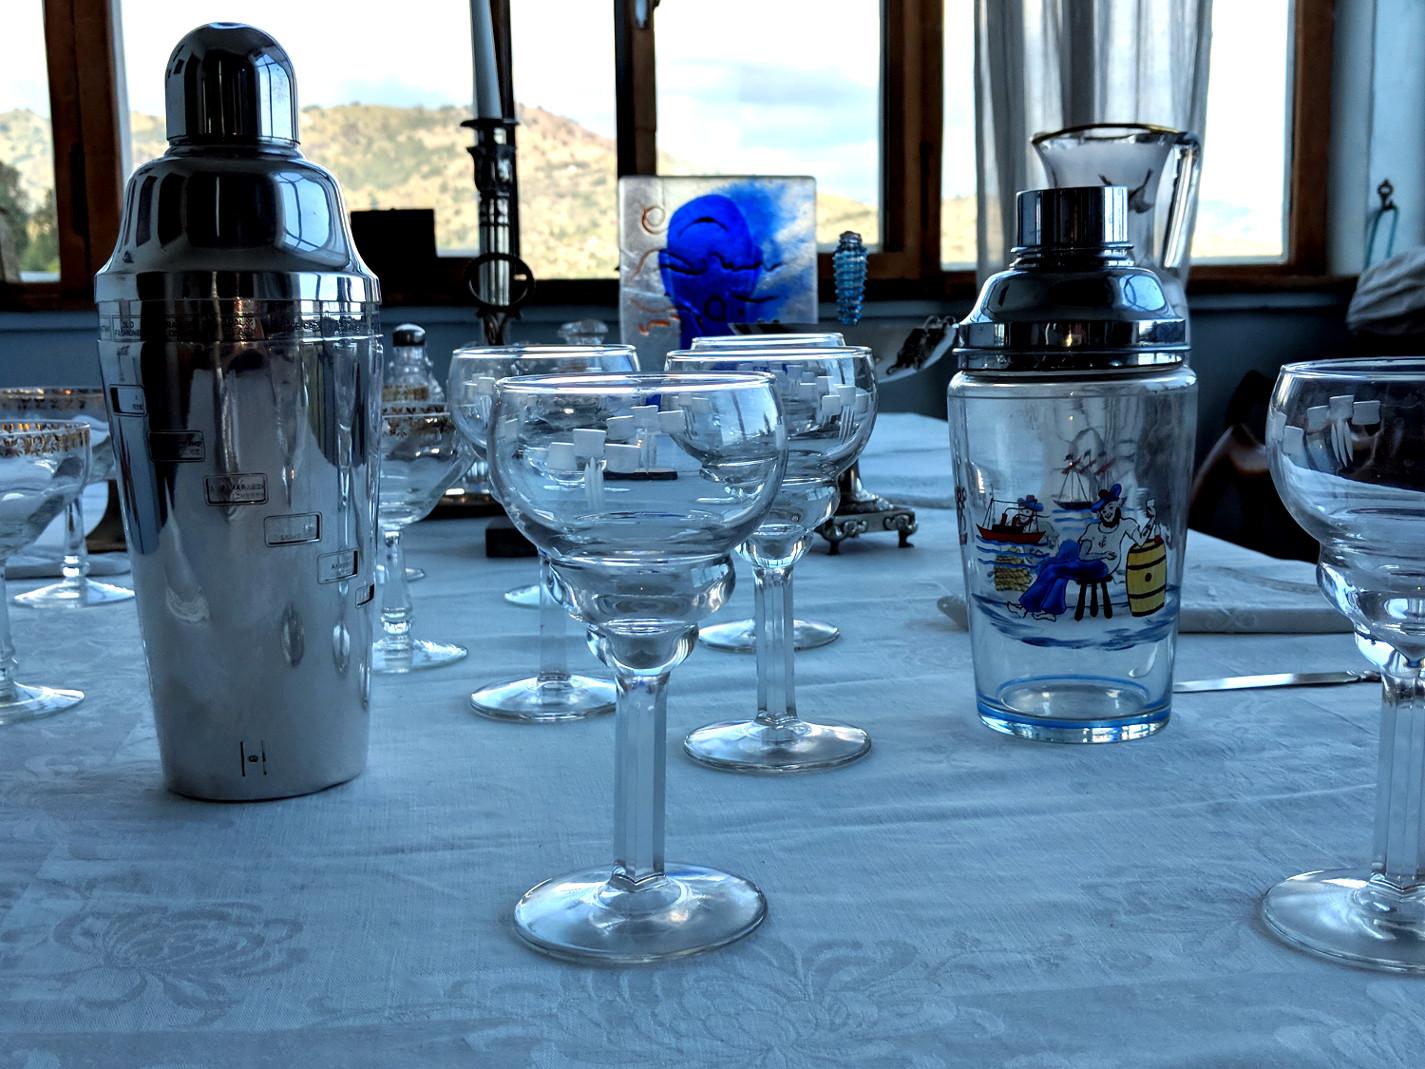 67 dining room drinks dusk villa ama sicily.jpg